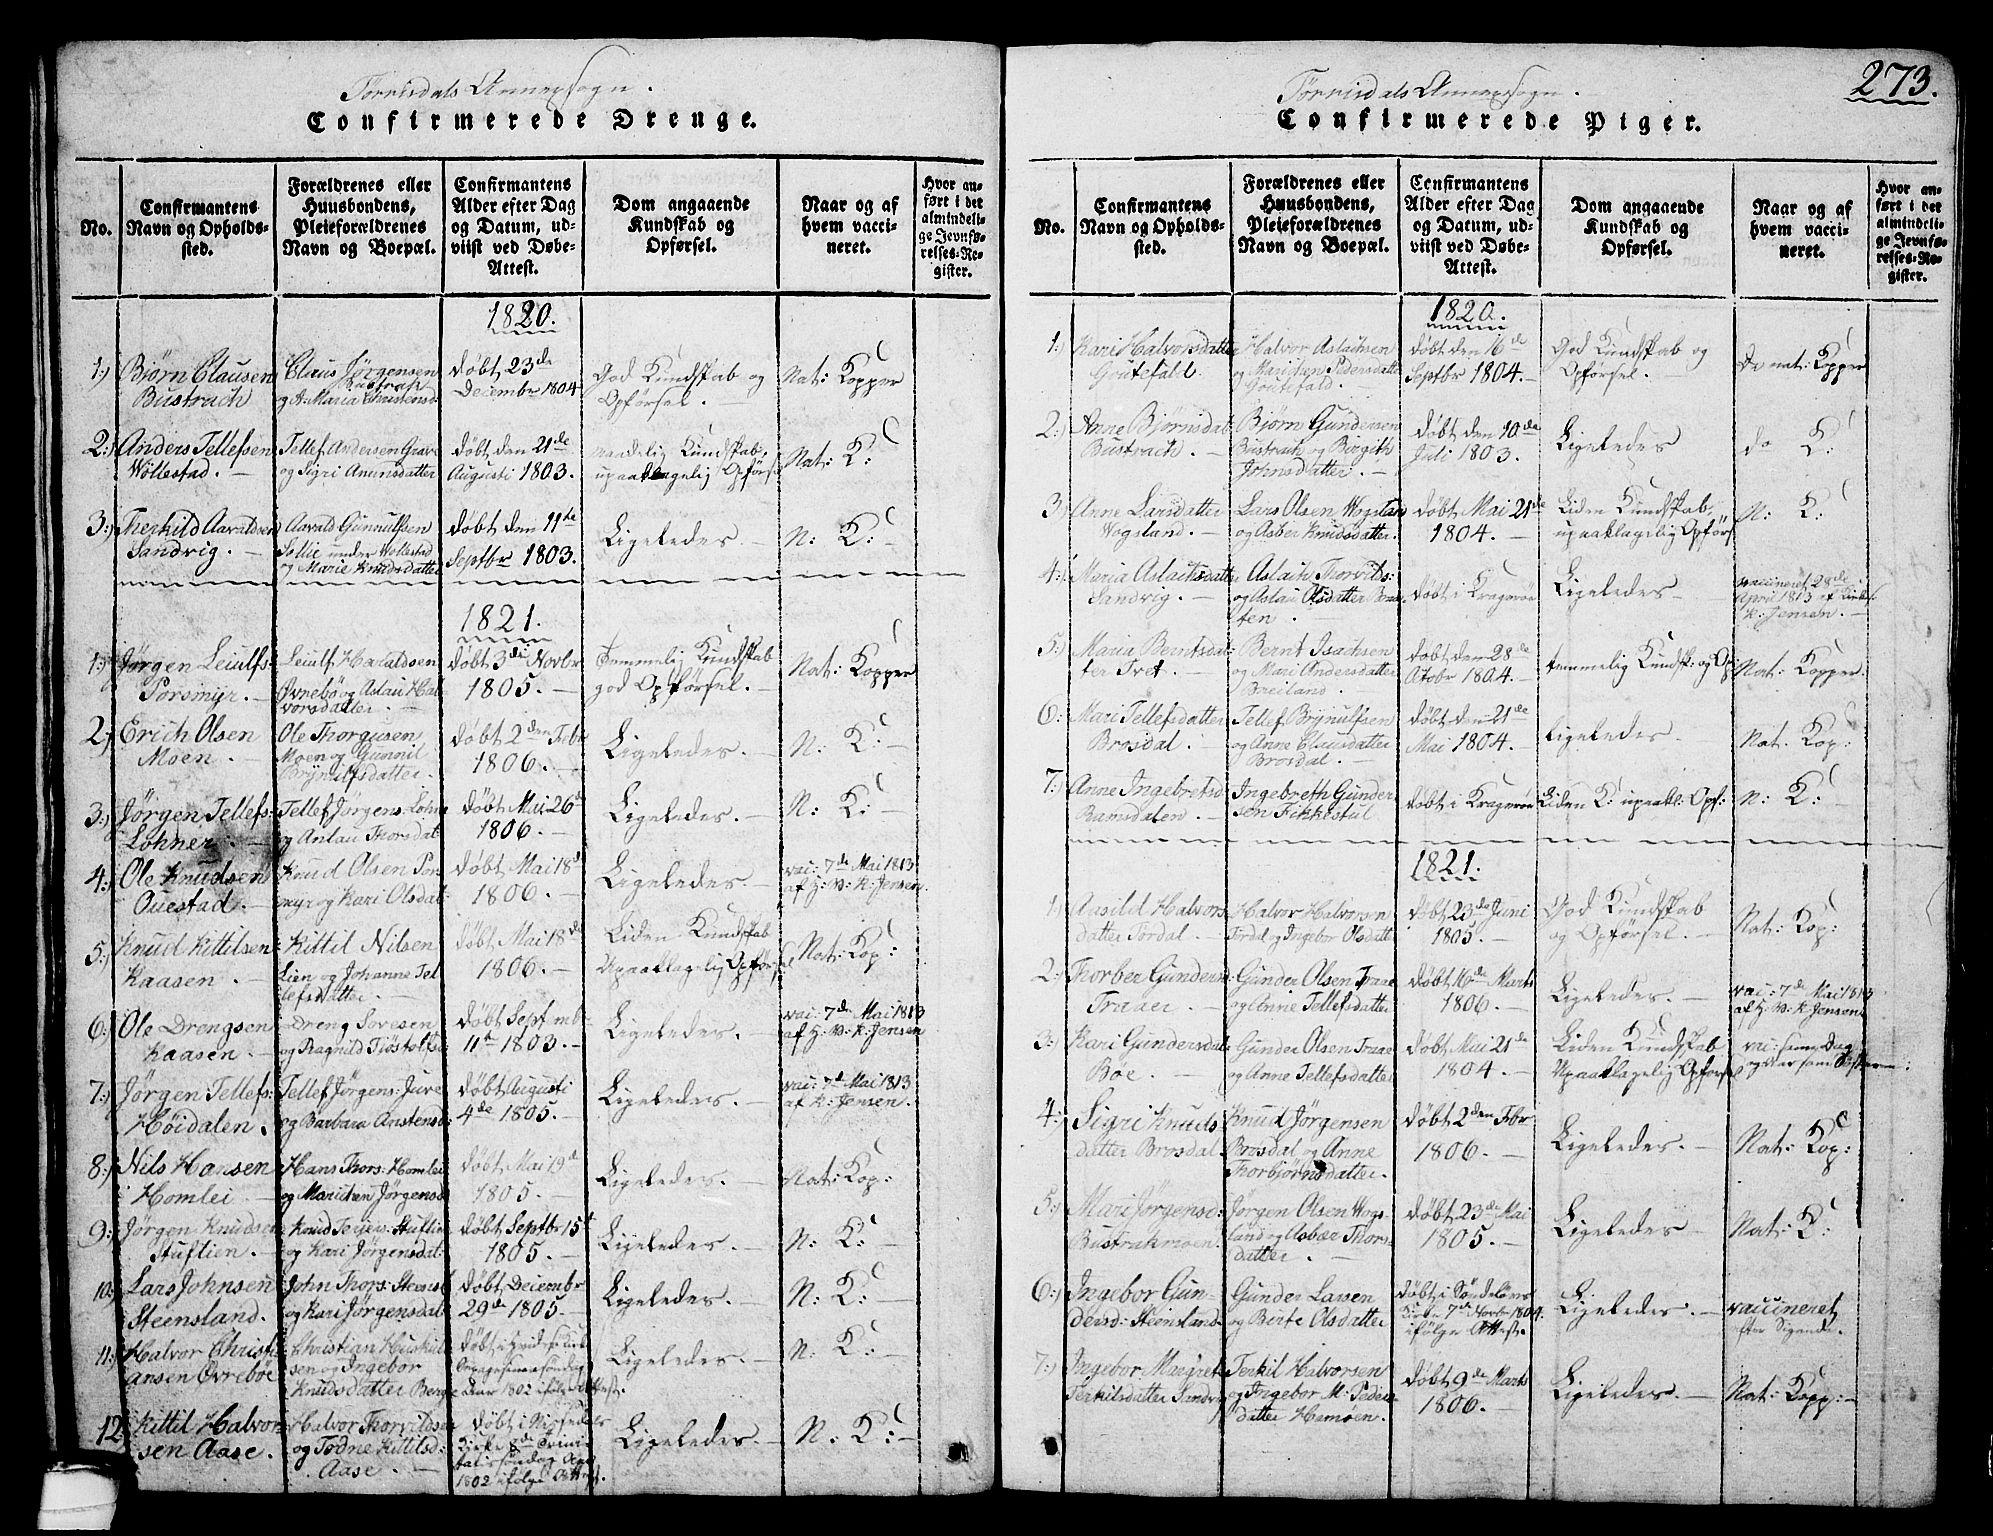 SAKO, Drangedal kirkebøker, G/Ga/L0001: Klokkerbok nr. I 1 /2, 1814-1856, s. 273